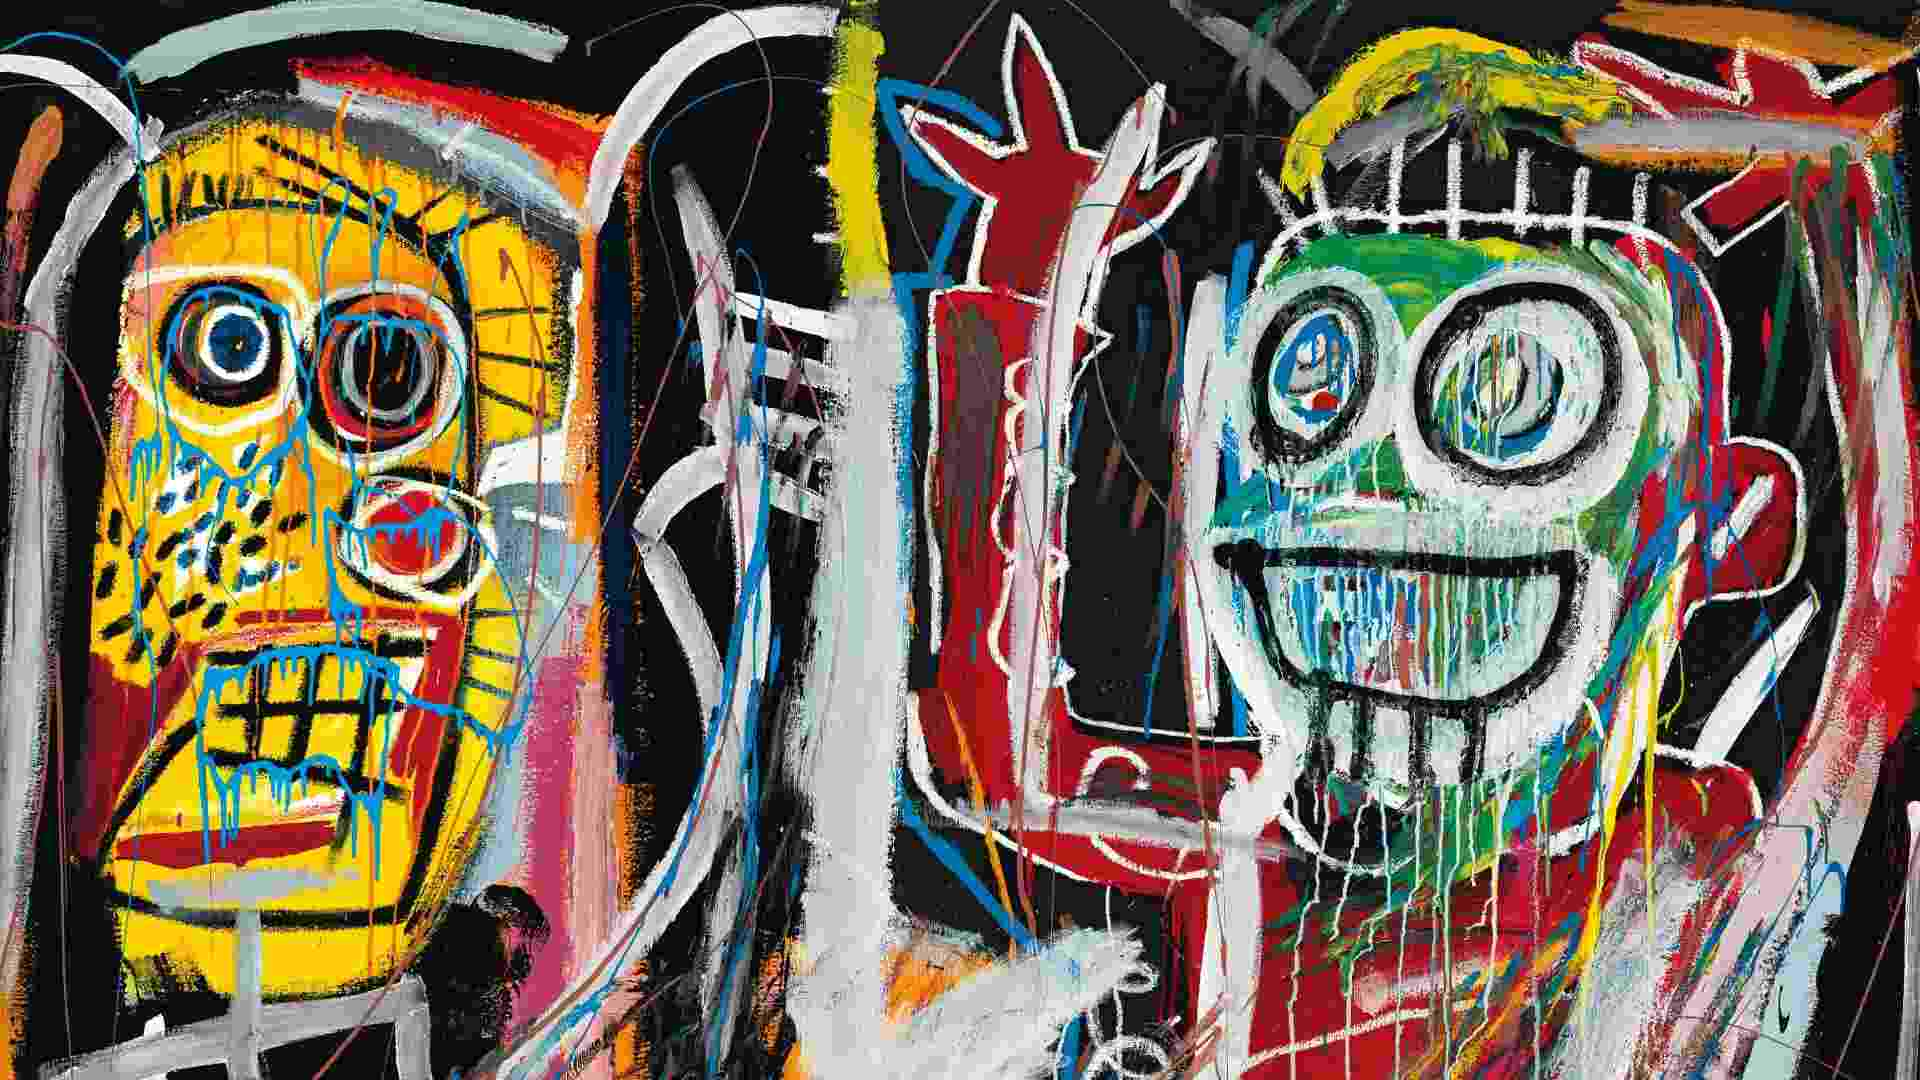 """16.mai.2013 - O outro recordista em leilão em Nova York foi um quadro de Jean-Michel Basquiat """"Dustheads"""", que foi arrematado por US$ 48,8 milhões, um valor que supera o recorde alcançado até então por uma obra deste artista nova-iorquino: US$ 26,4 milhões, alcançado em novembro de 2012. A venda de arte contemporânea da Christie's arrecadou US$ 495 milhões, maior valor na história dos leilões de arte - Christie's/EFE"""